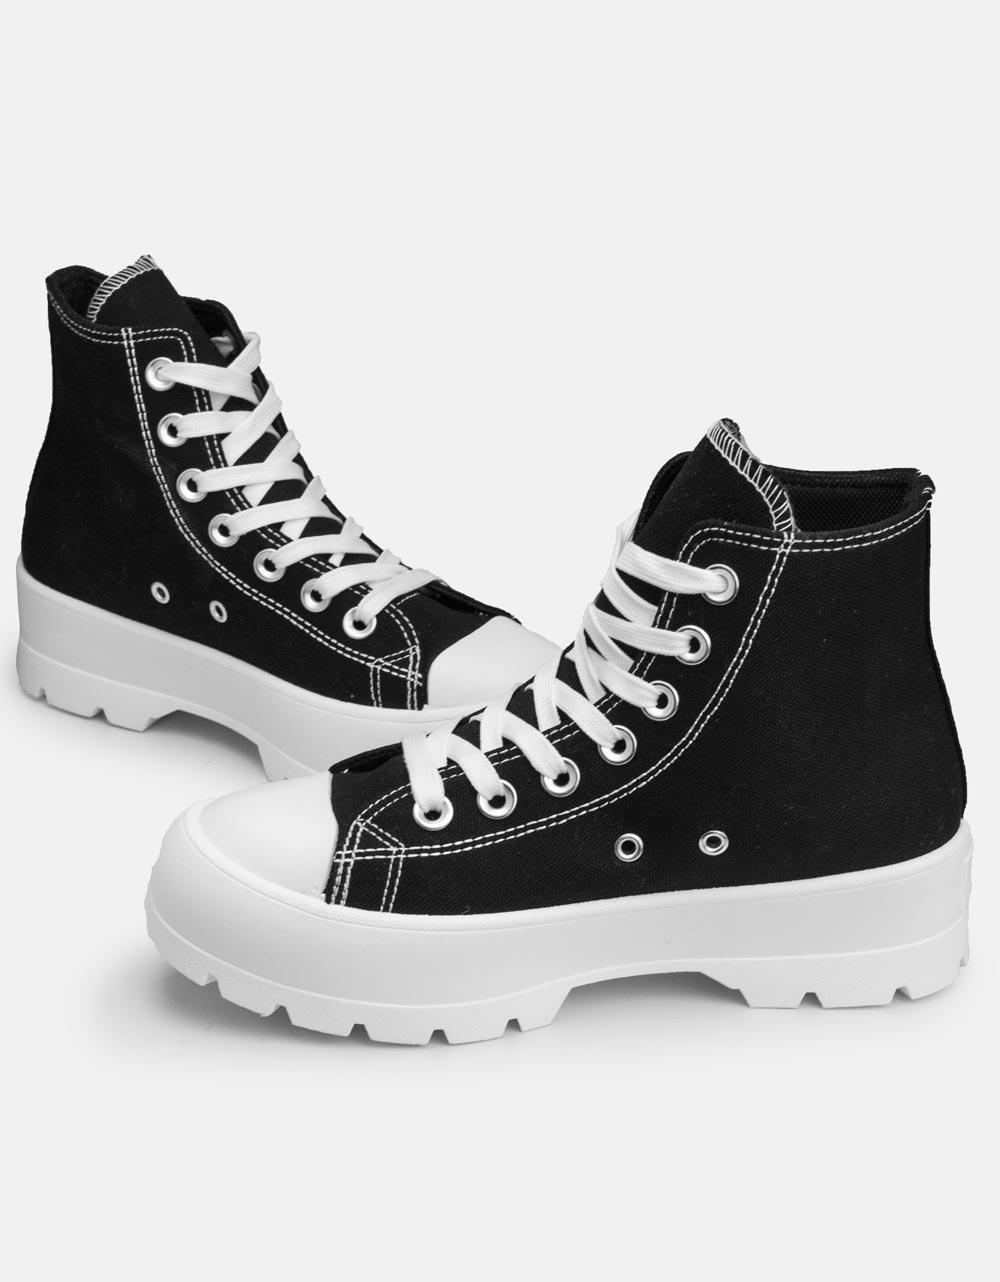 Εικόνα από Γυναικεία υφασμάτινα sneaker μποτάκια Μαύρο